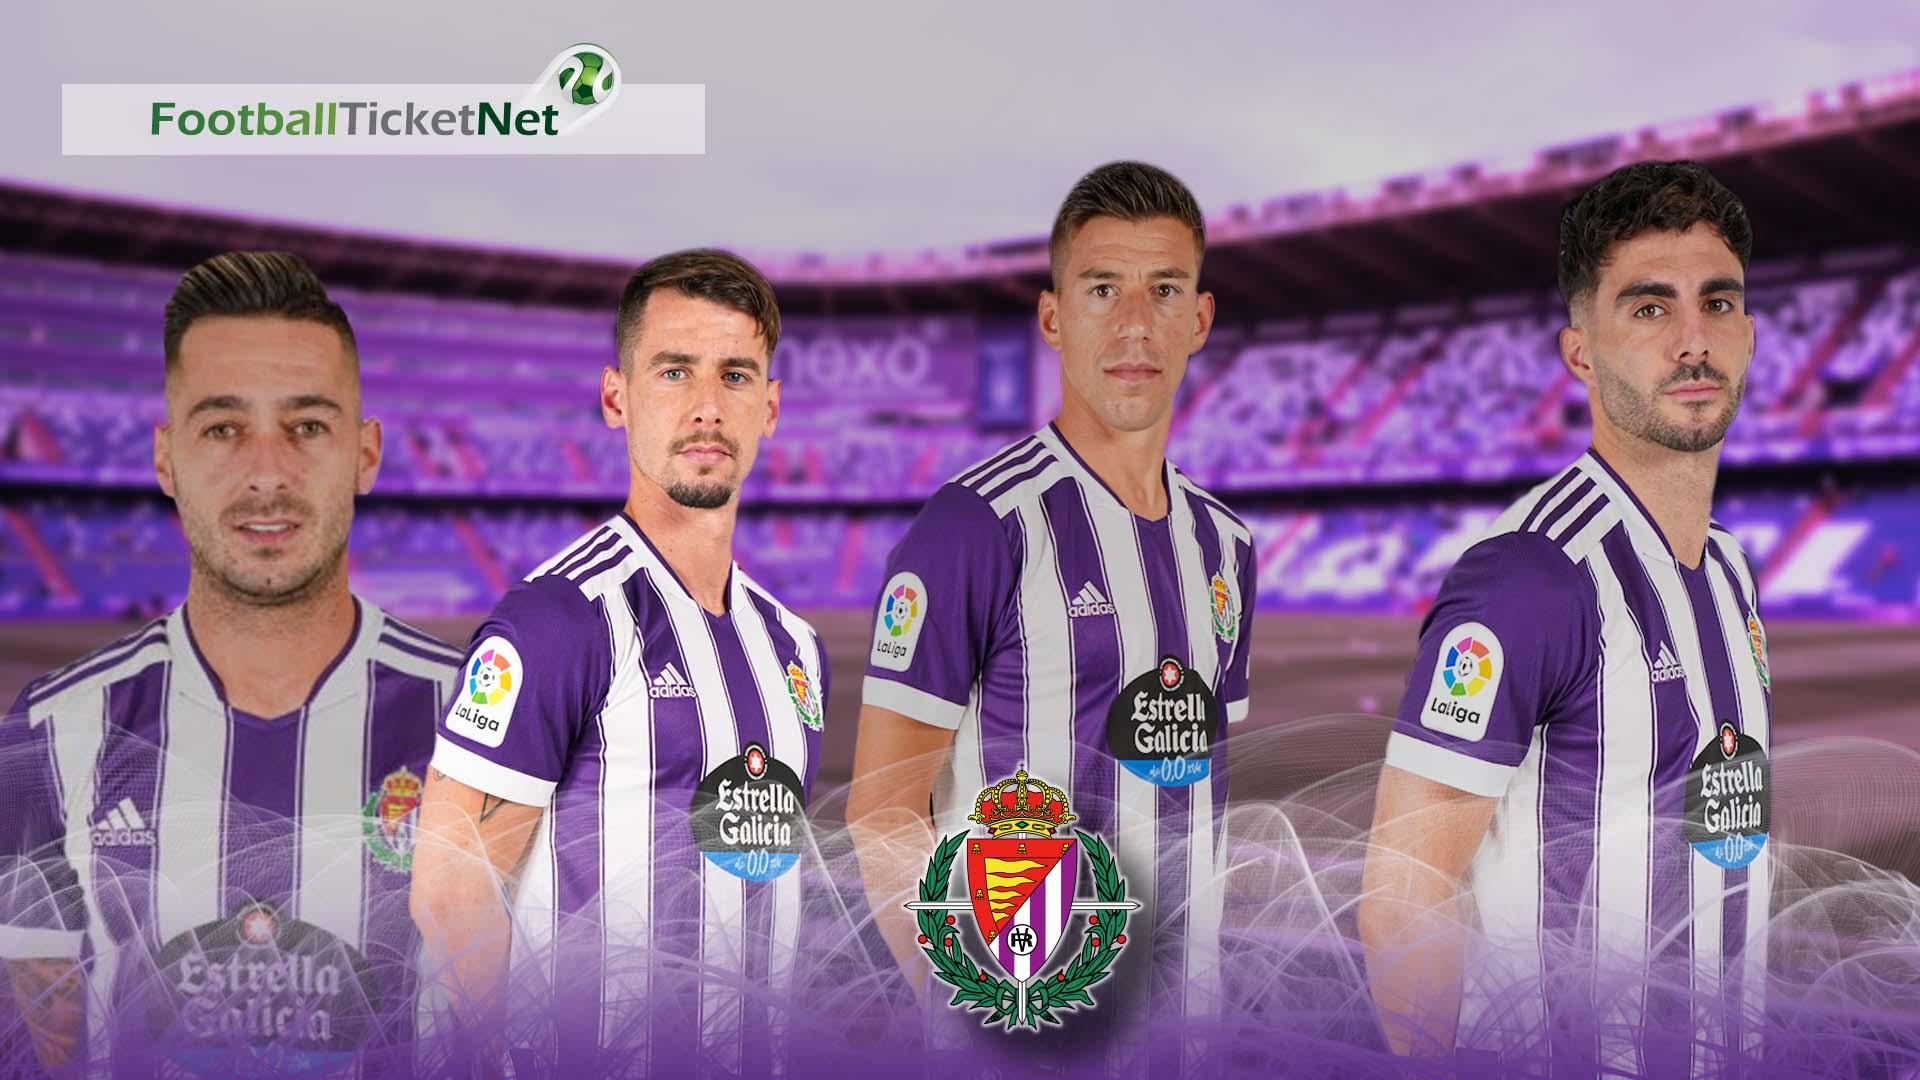 Arsenal vs tottenham hotspur tickets. Buy Real Valladolid Tickets 2020/21   Football Ticket Net